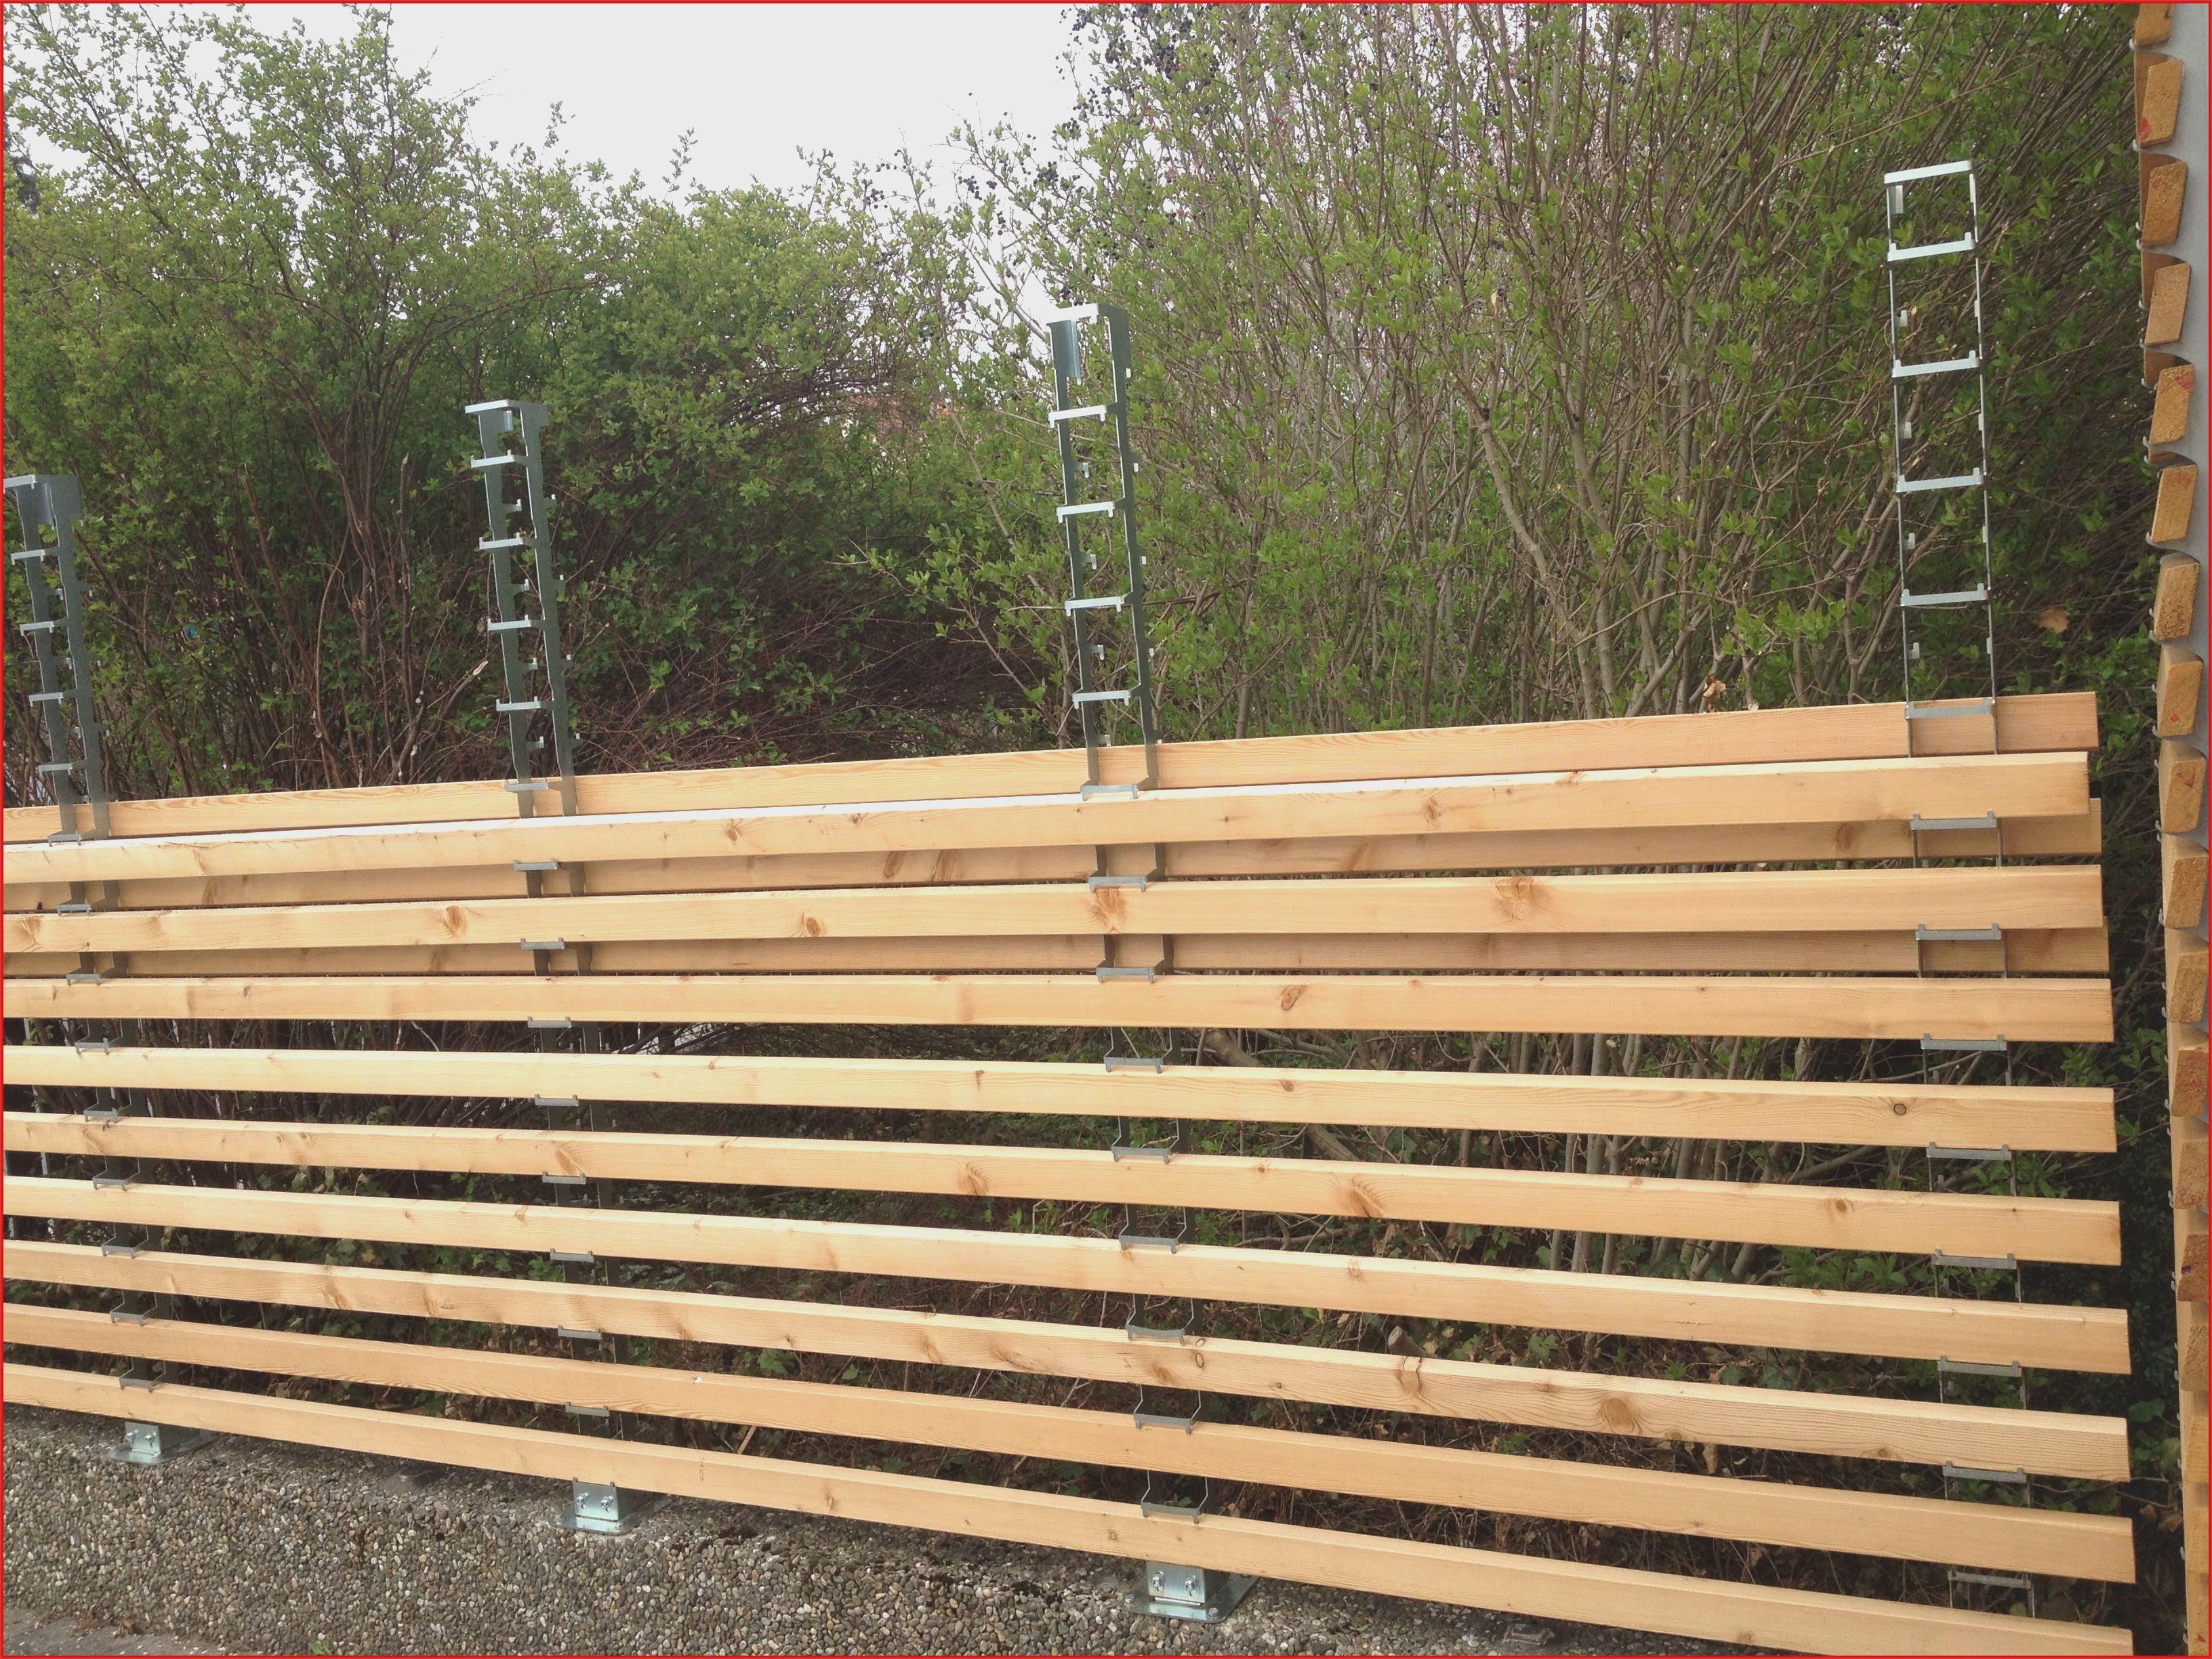 Garten Planen 26 Frisch Gartenzaun Holz Selber Bauen O82p